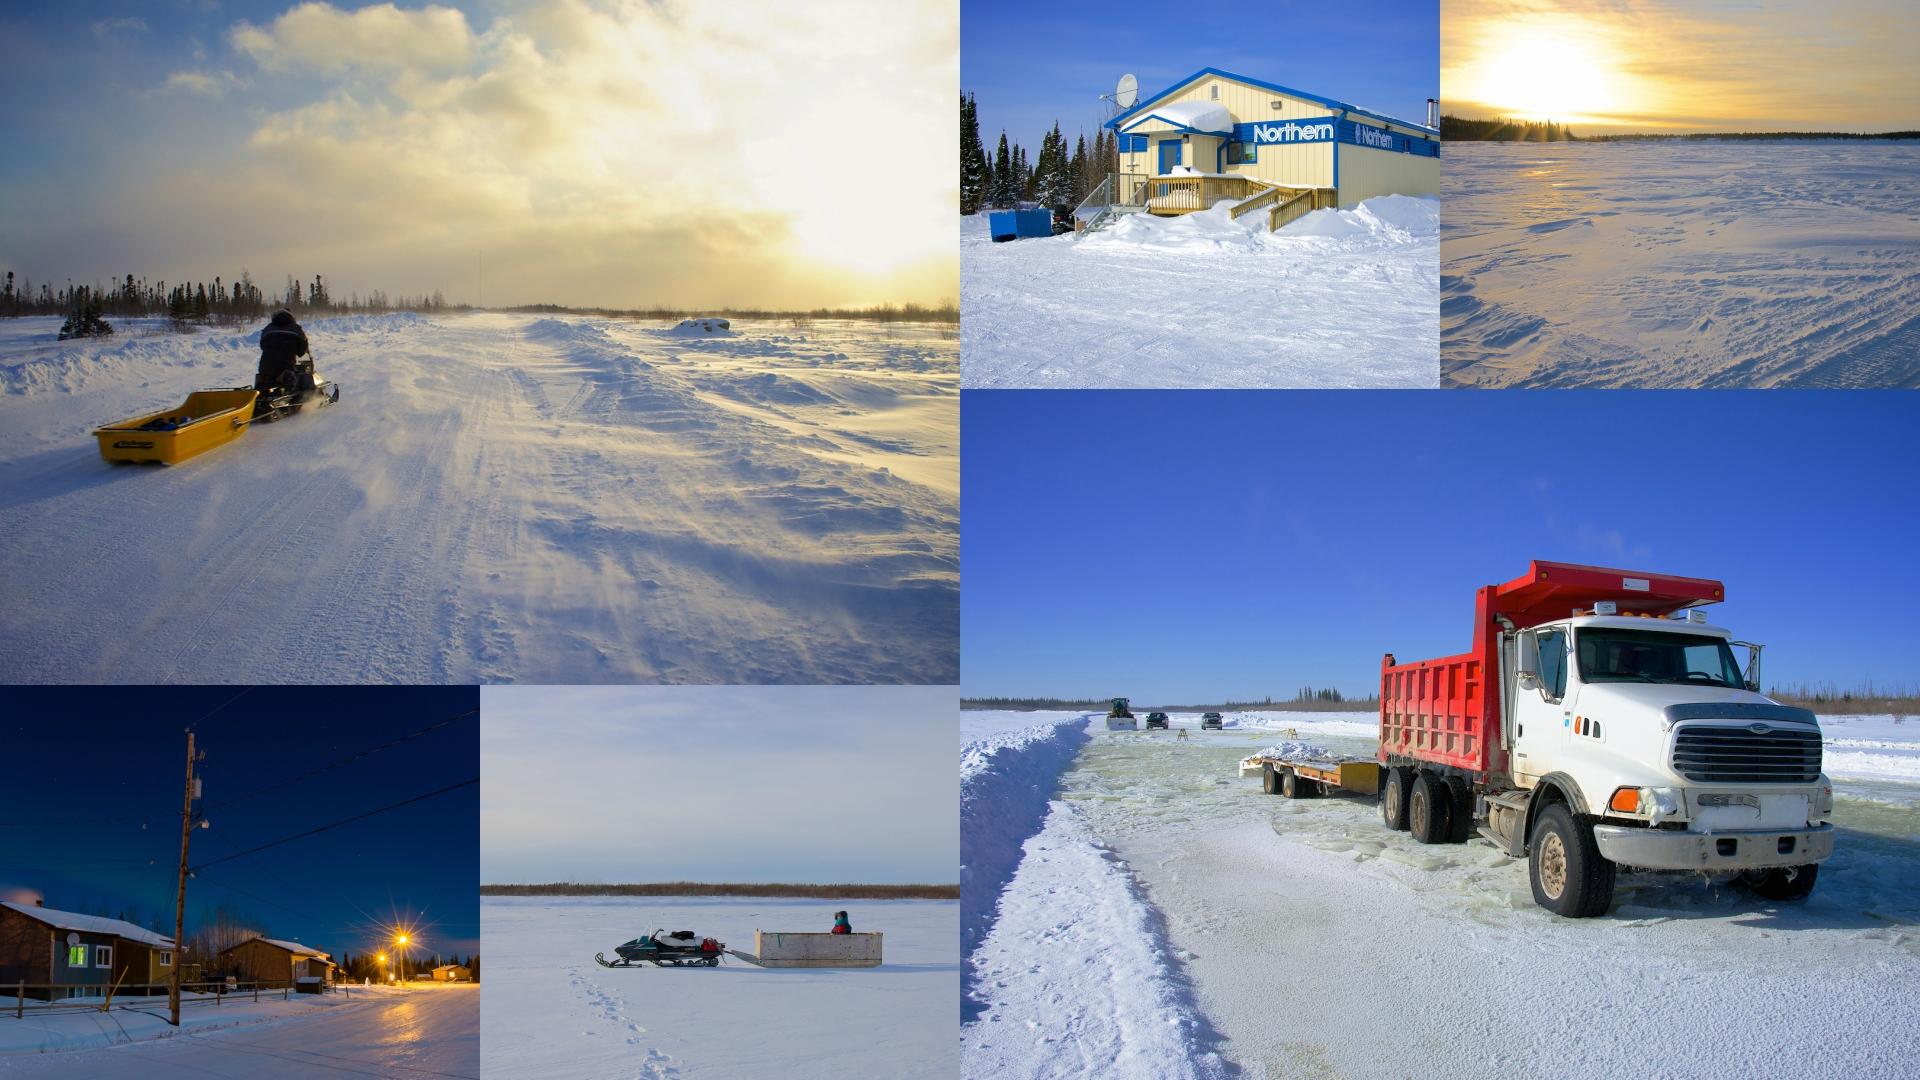 Самые снежные точки планеты, вкоторых можно поездить наавтомобиле. Фото 16